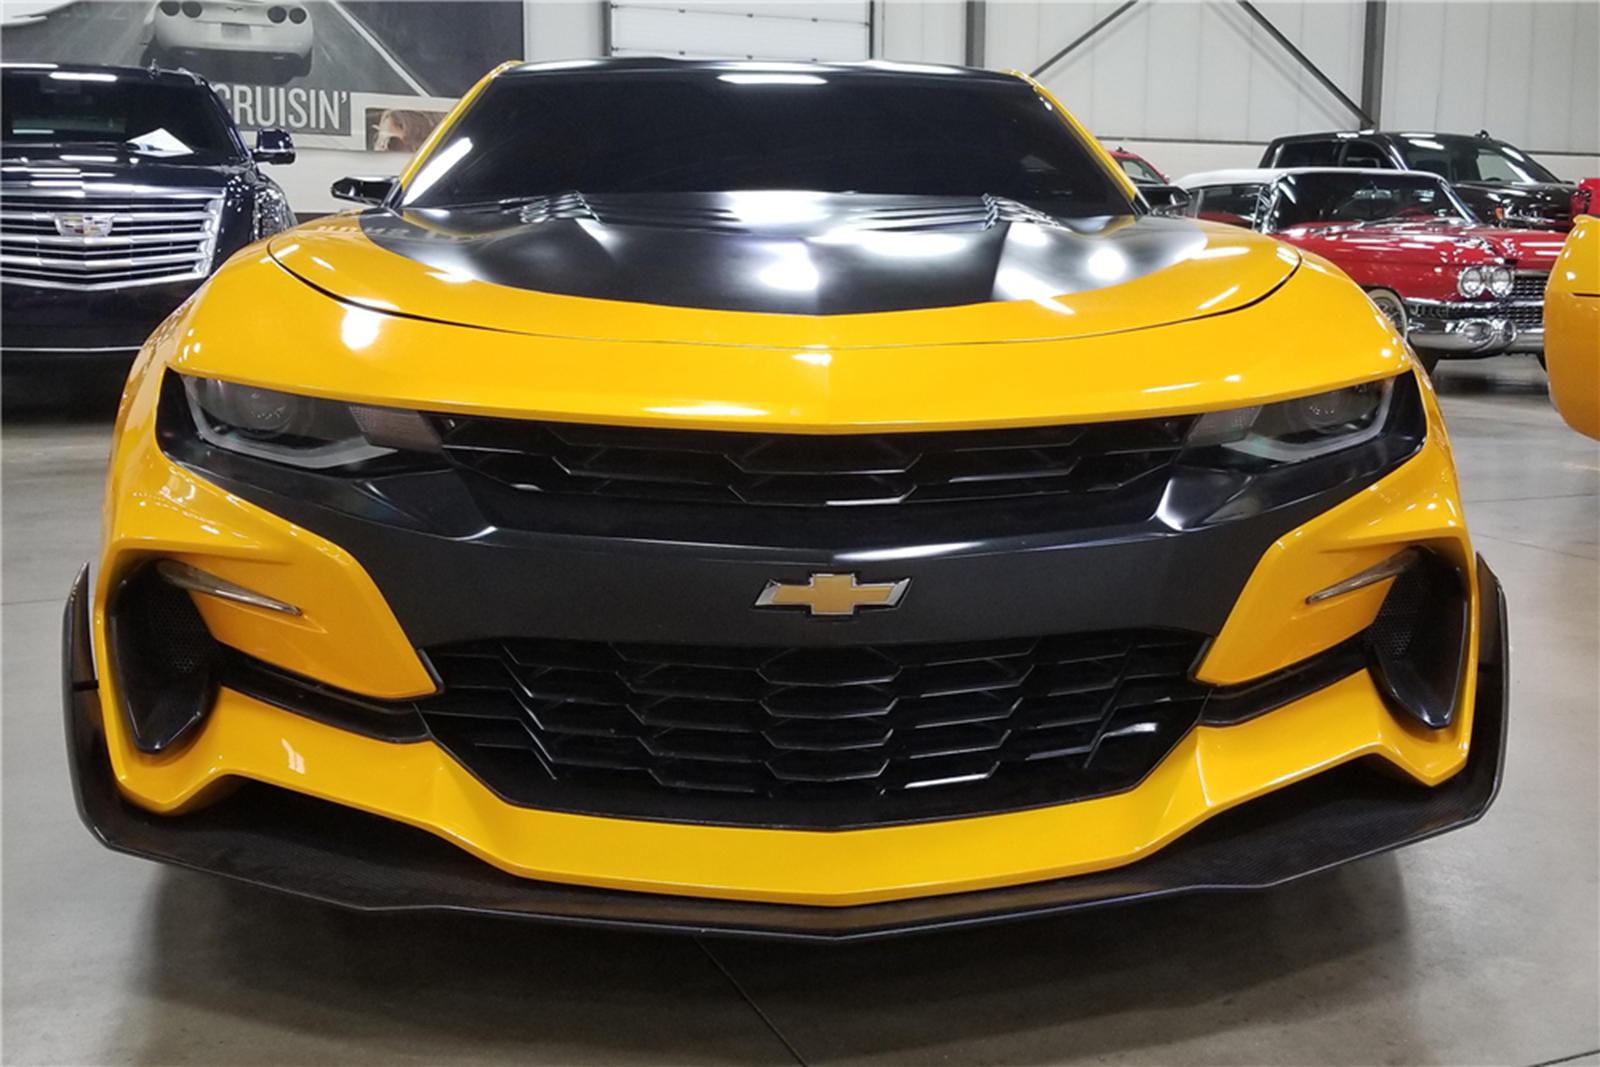 Kekurangan Chevrolet Camaro Transformers Review